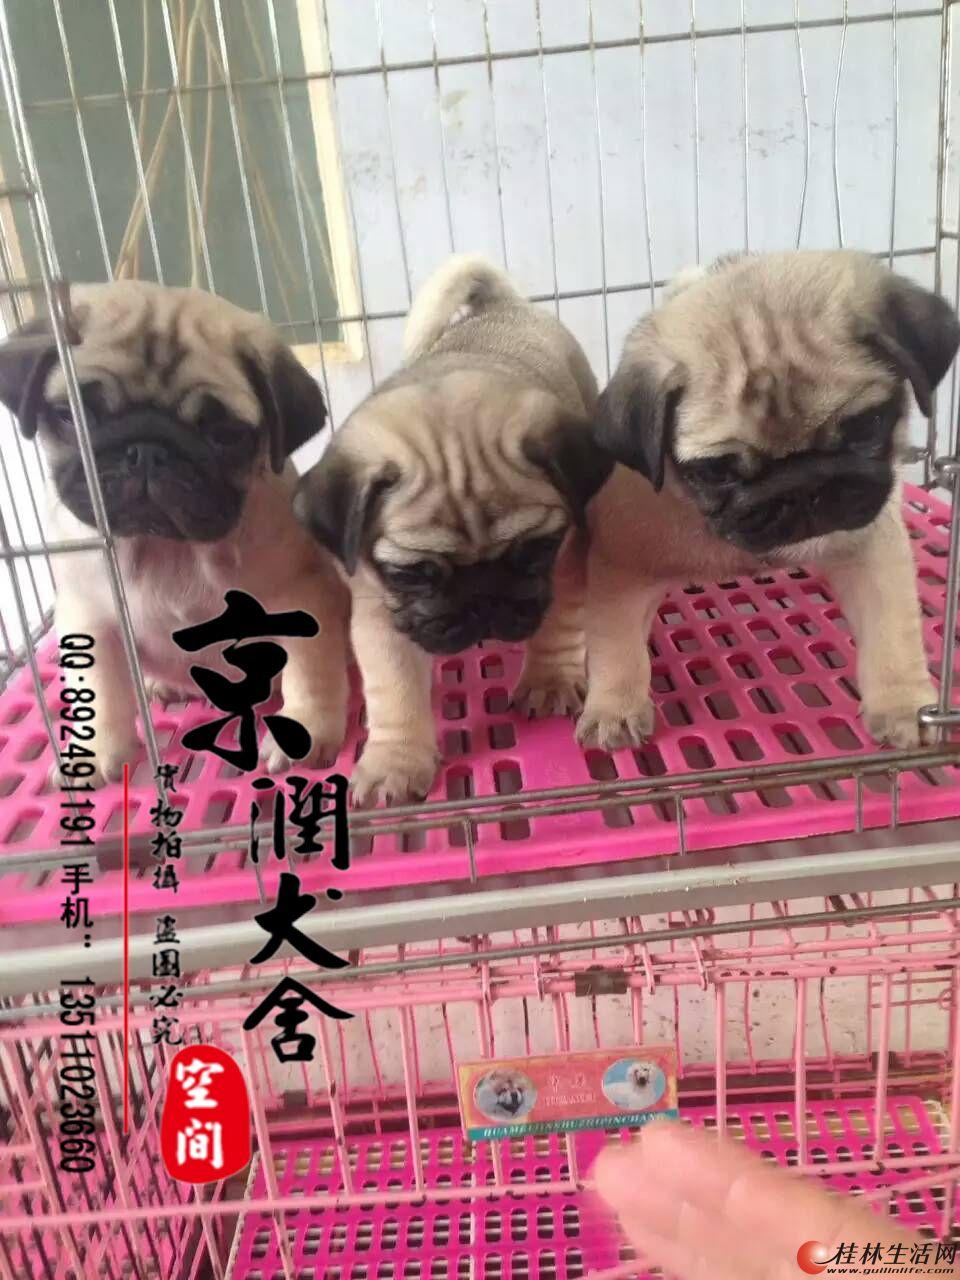 北京哪里有卖纯种巴哥幼犬的 北京卖八哥的 巴哥犬配种